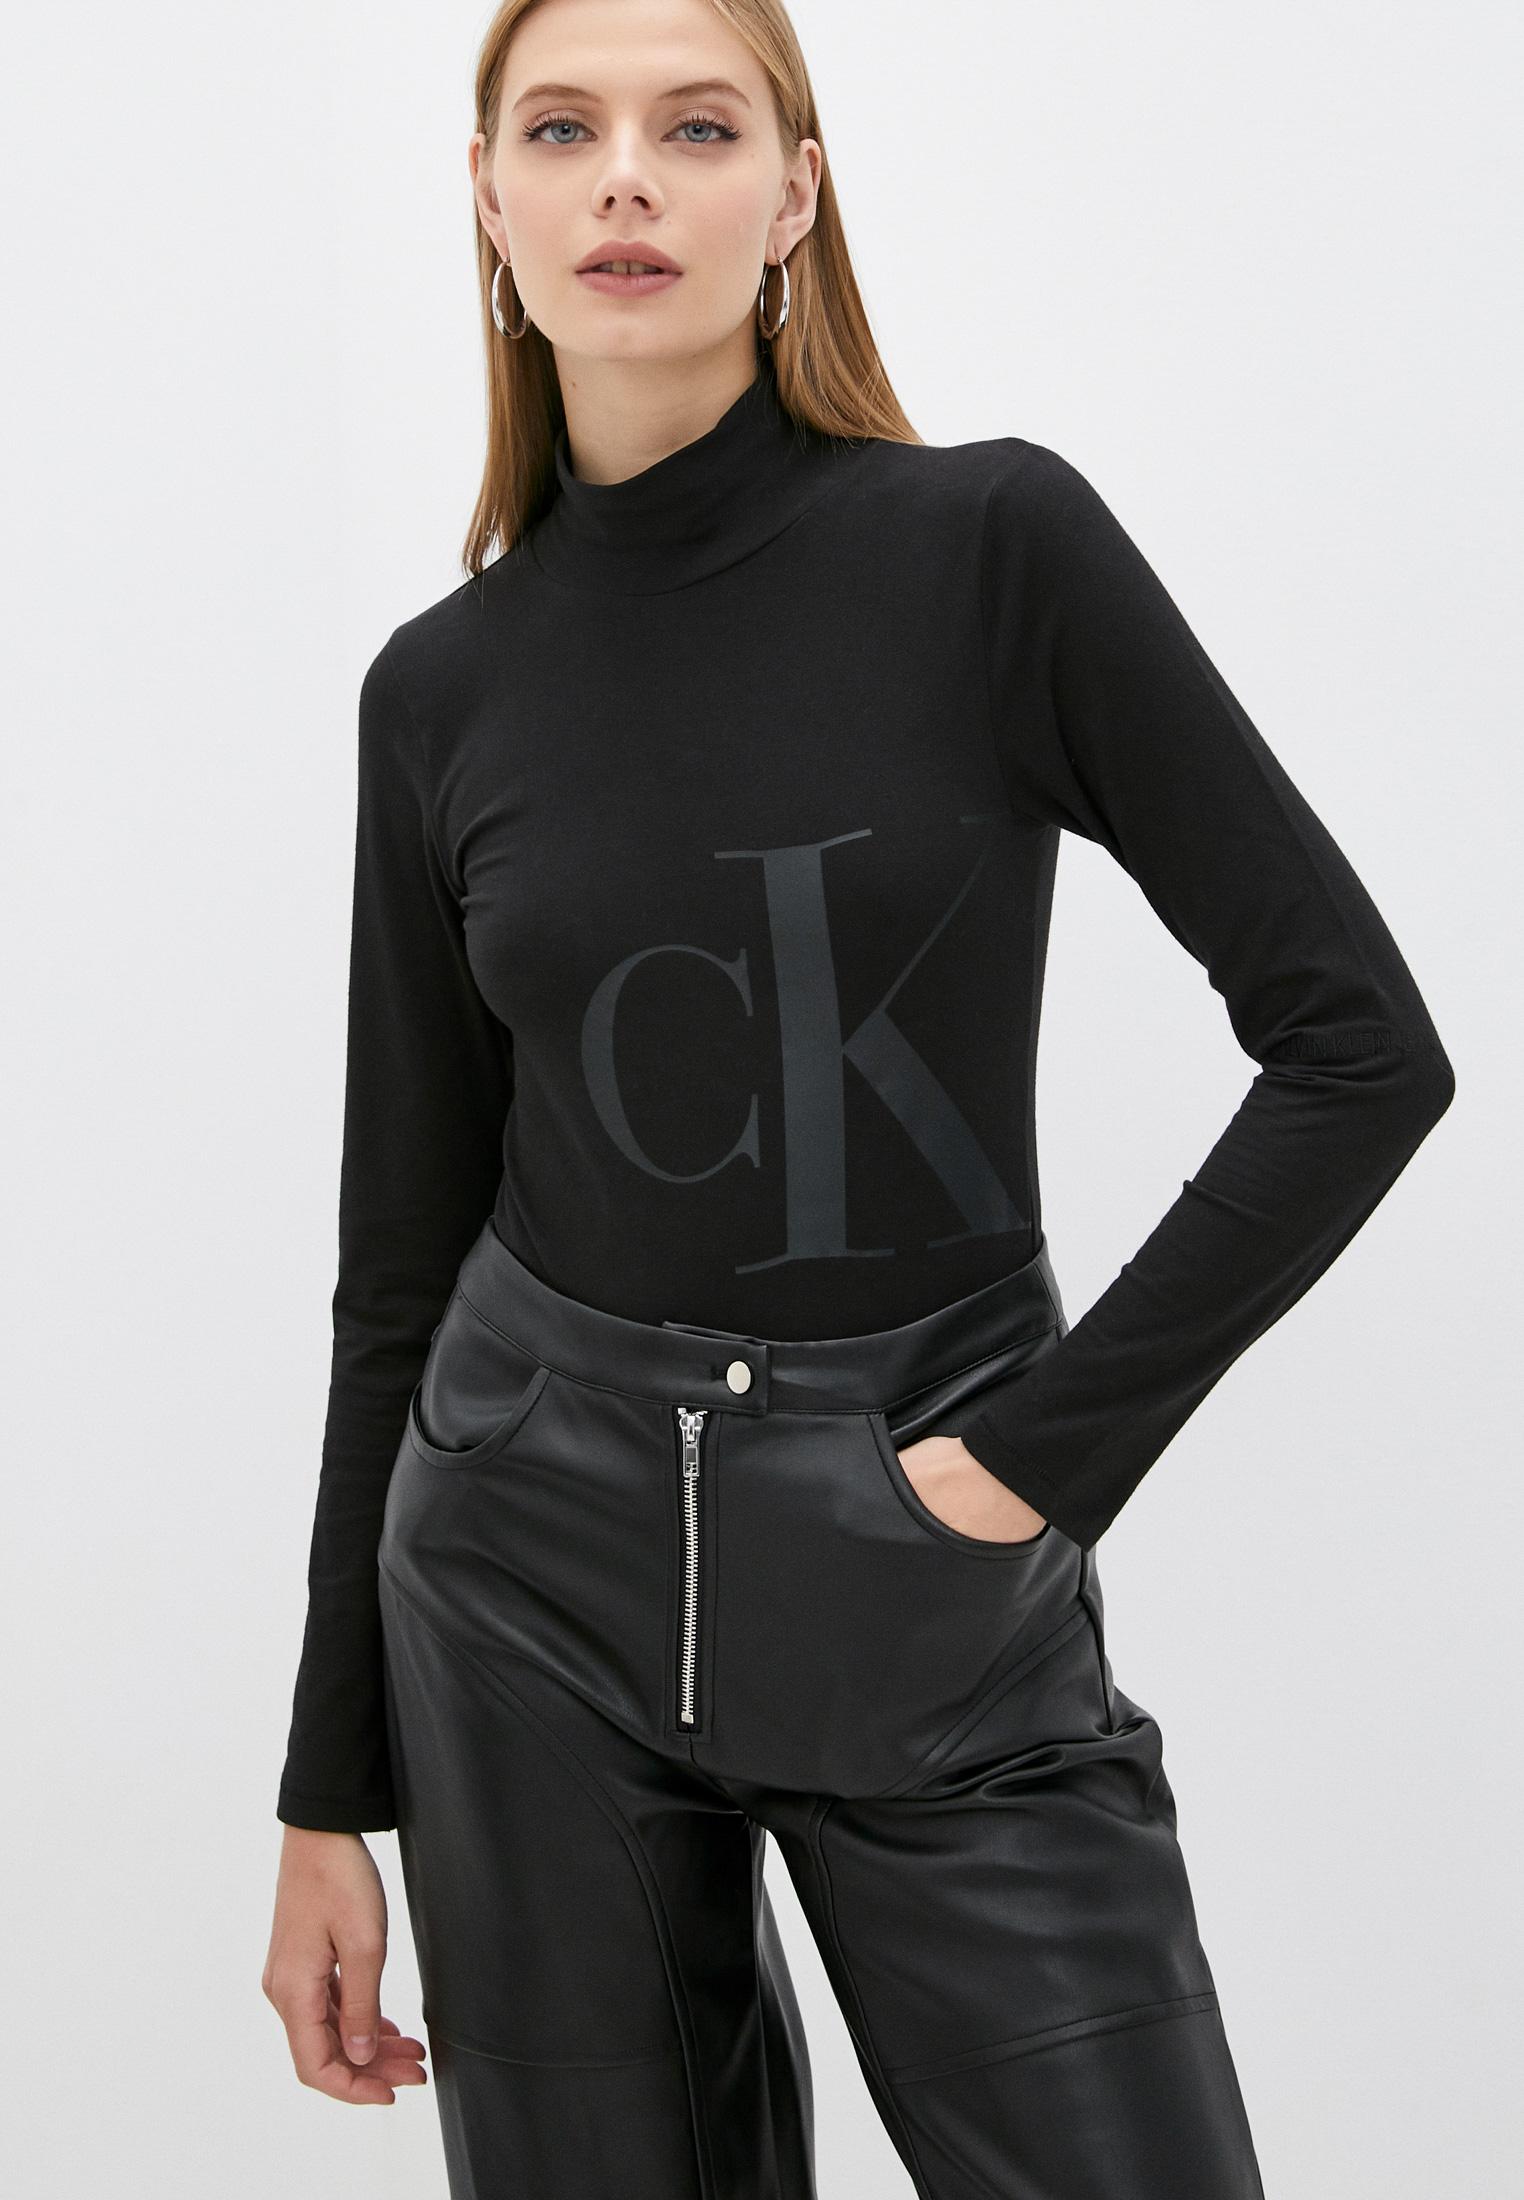 Женские боди Calvin Klein Jeans Боди Calvin Klein Jeans